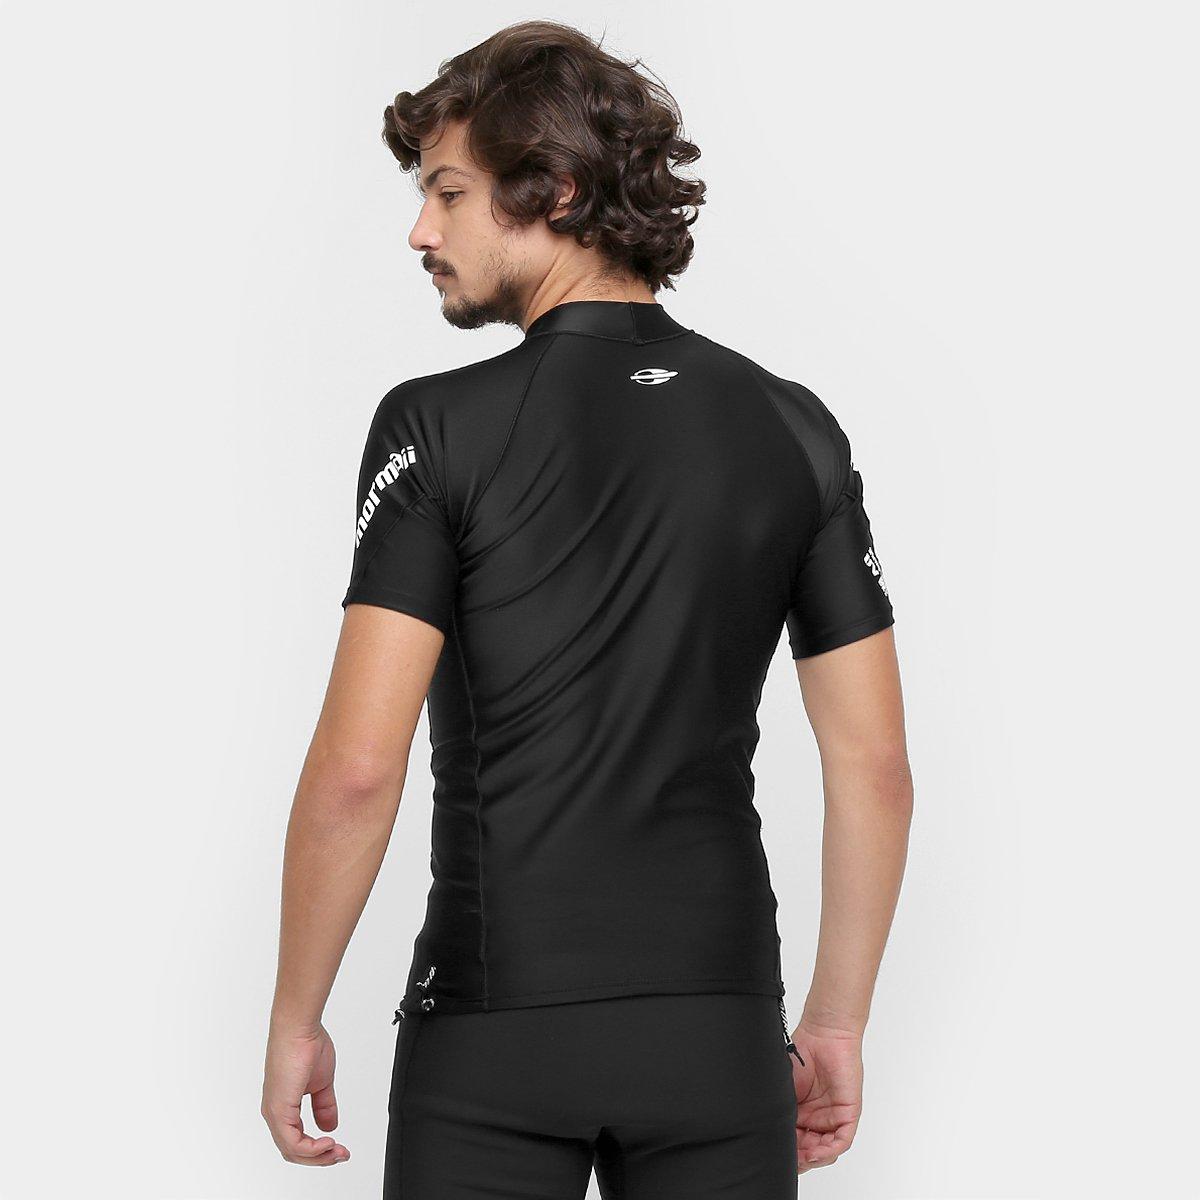 Camiseta Surf Mormaii Extra Line Masculina - Preto - Compre Agora ... e4cdec0914